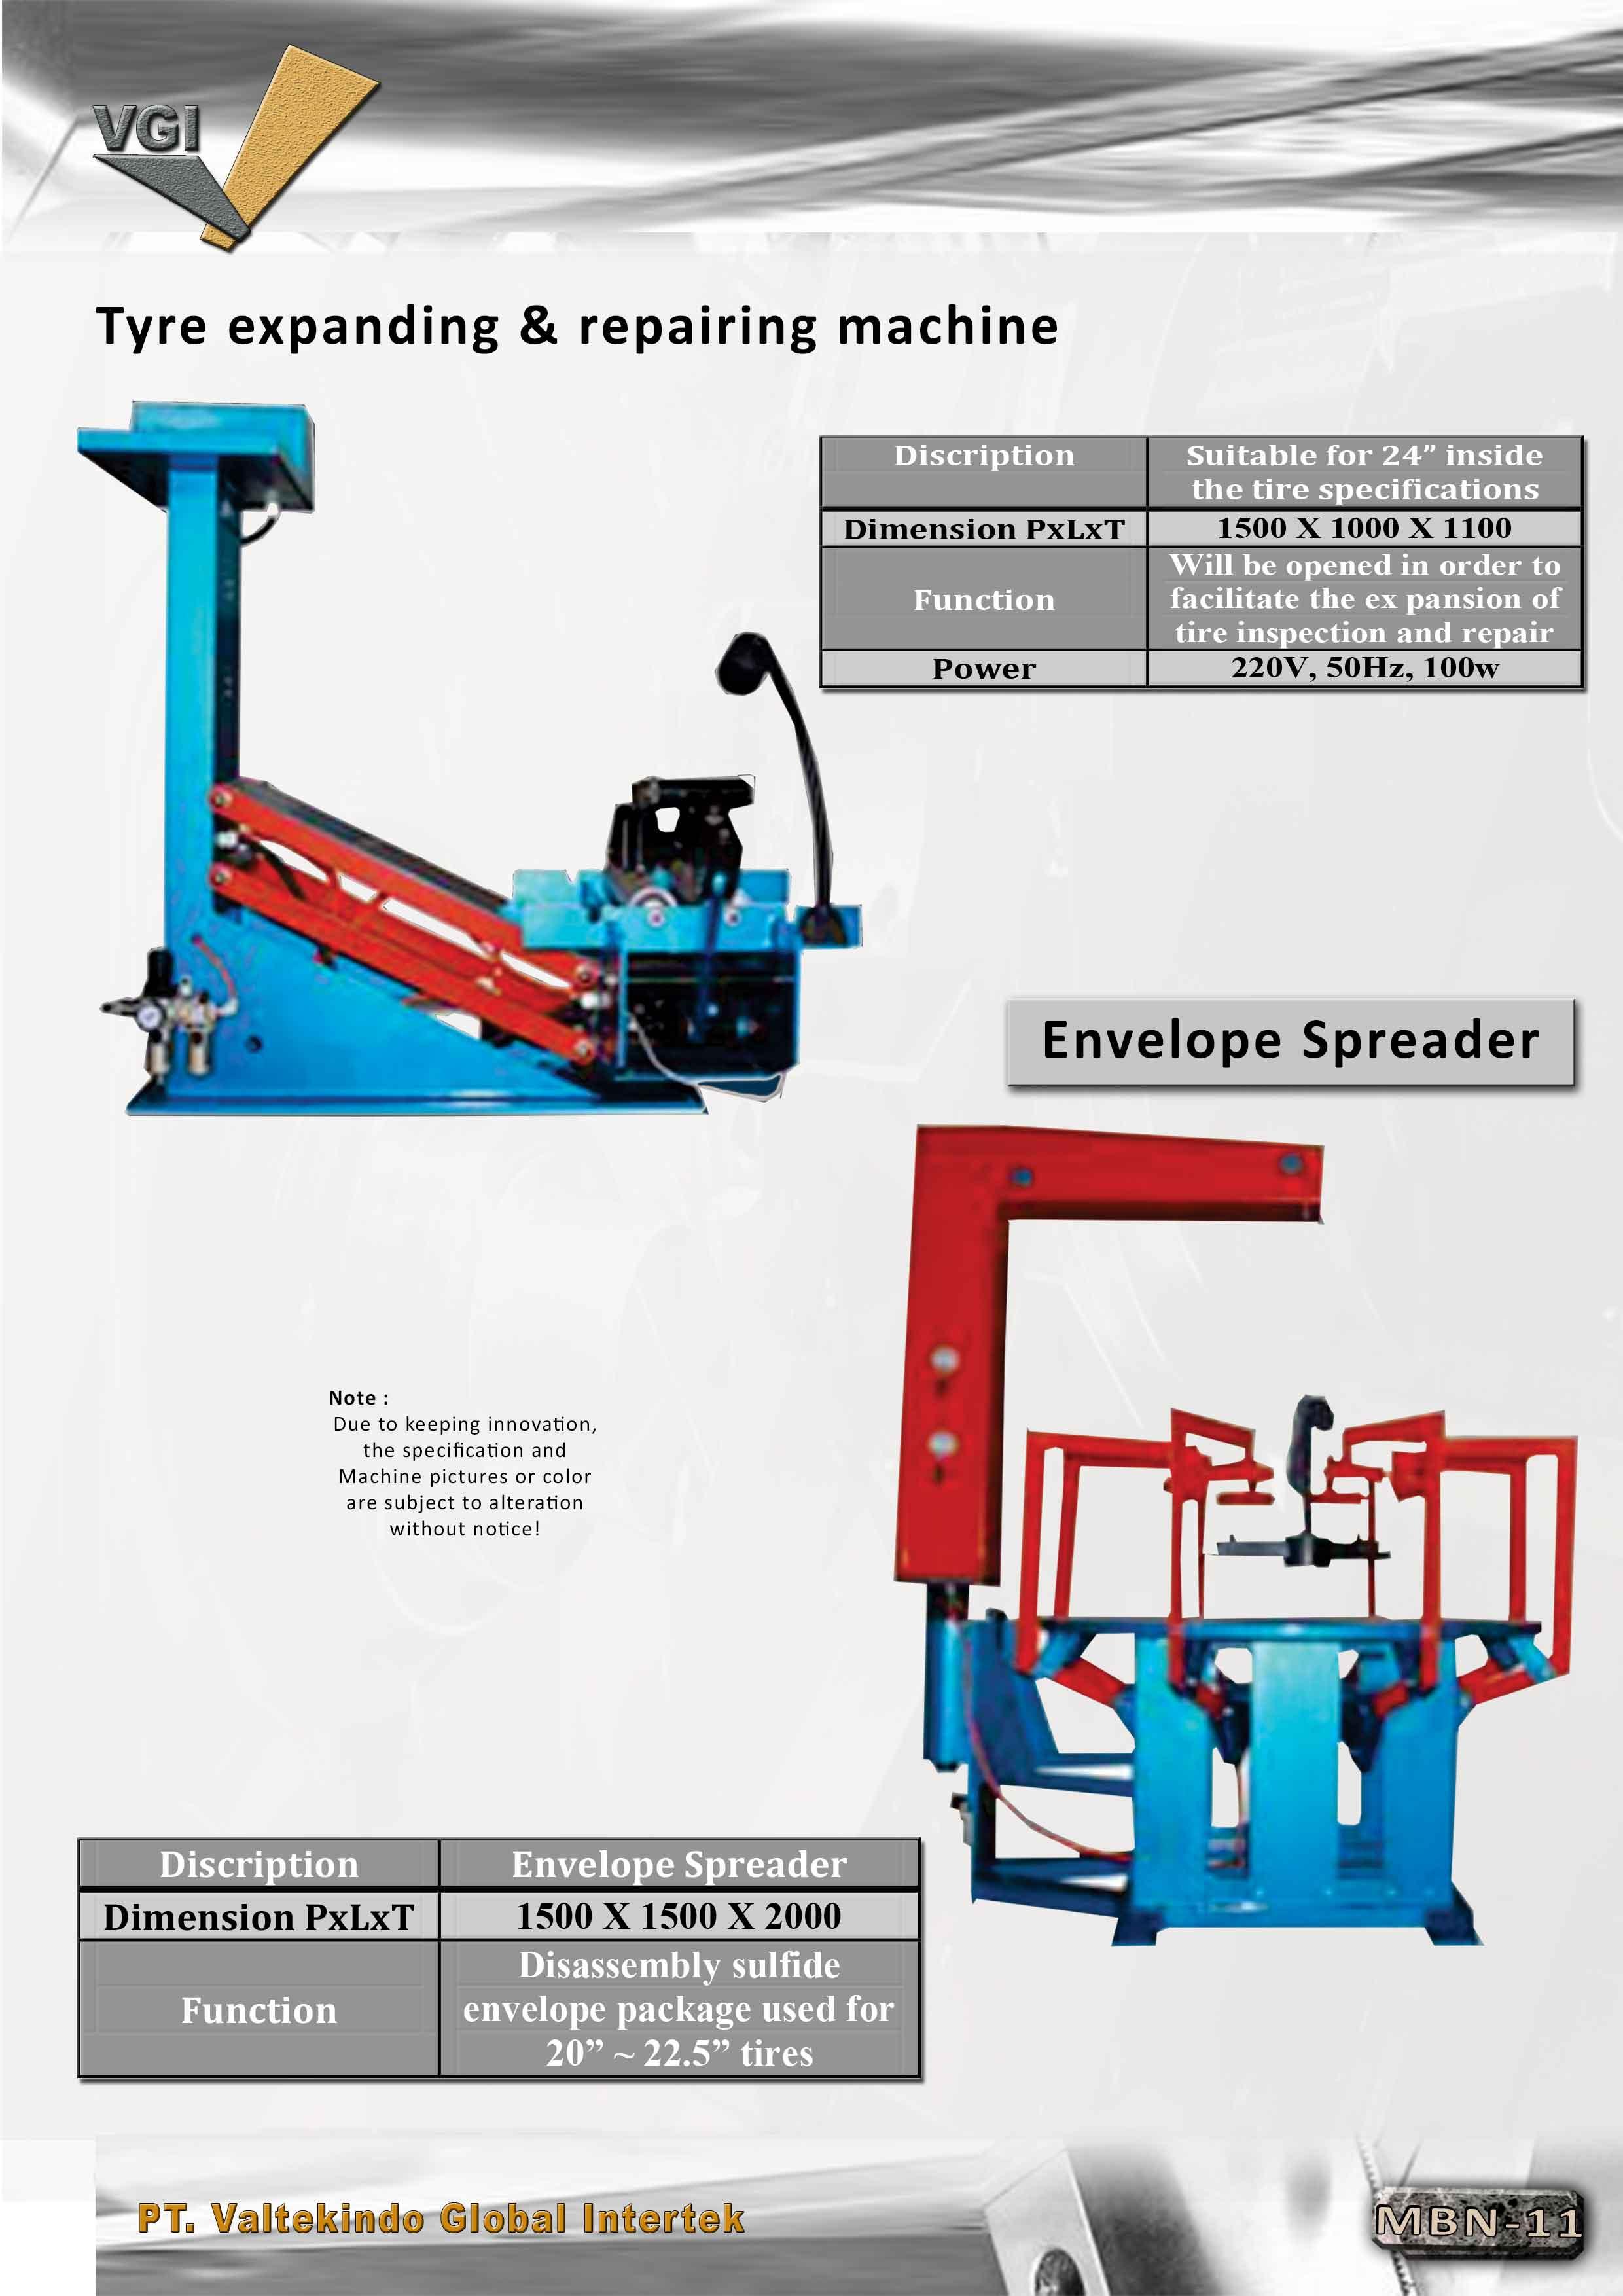 jual mesin Tyre Expanding & Repairing Machine , Envelope Spreader Tyre Expanding & Repairing Machine , Envelope Spreader